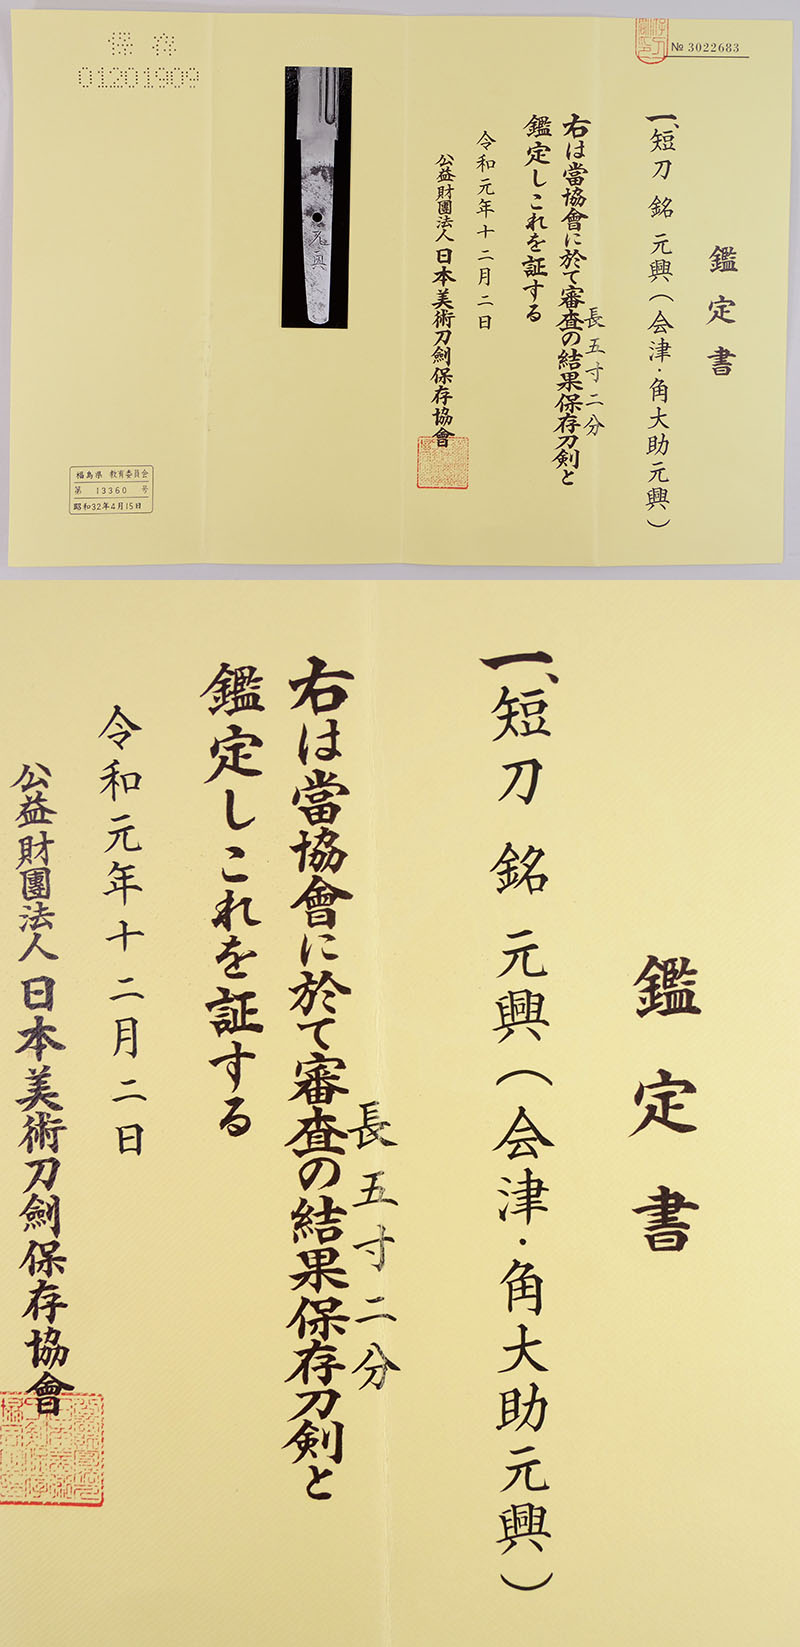 元興(会津・角大助元興)(大和守秀国) Picture of Certificate